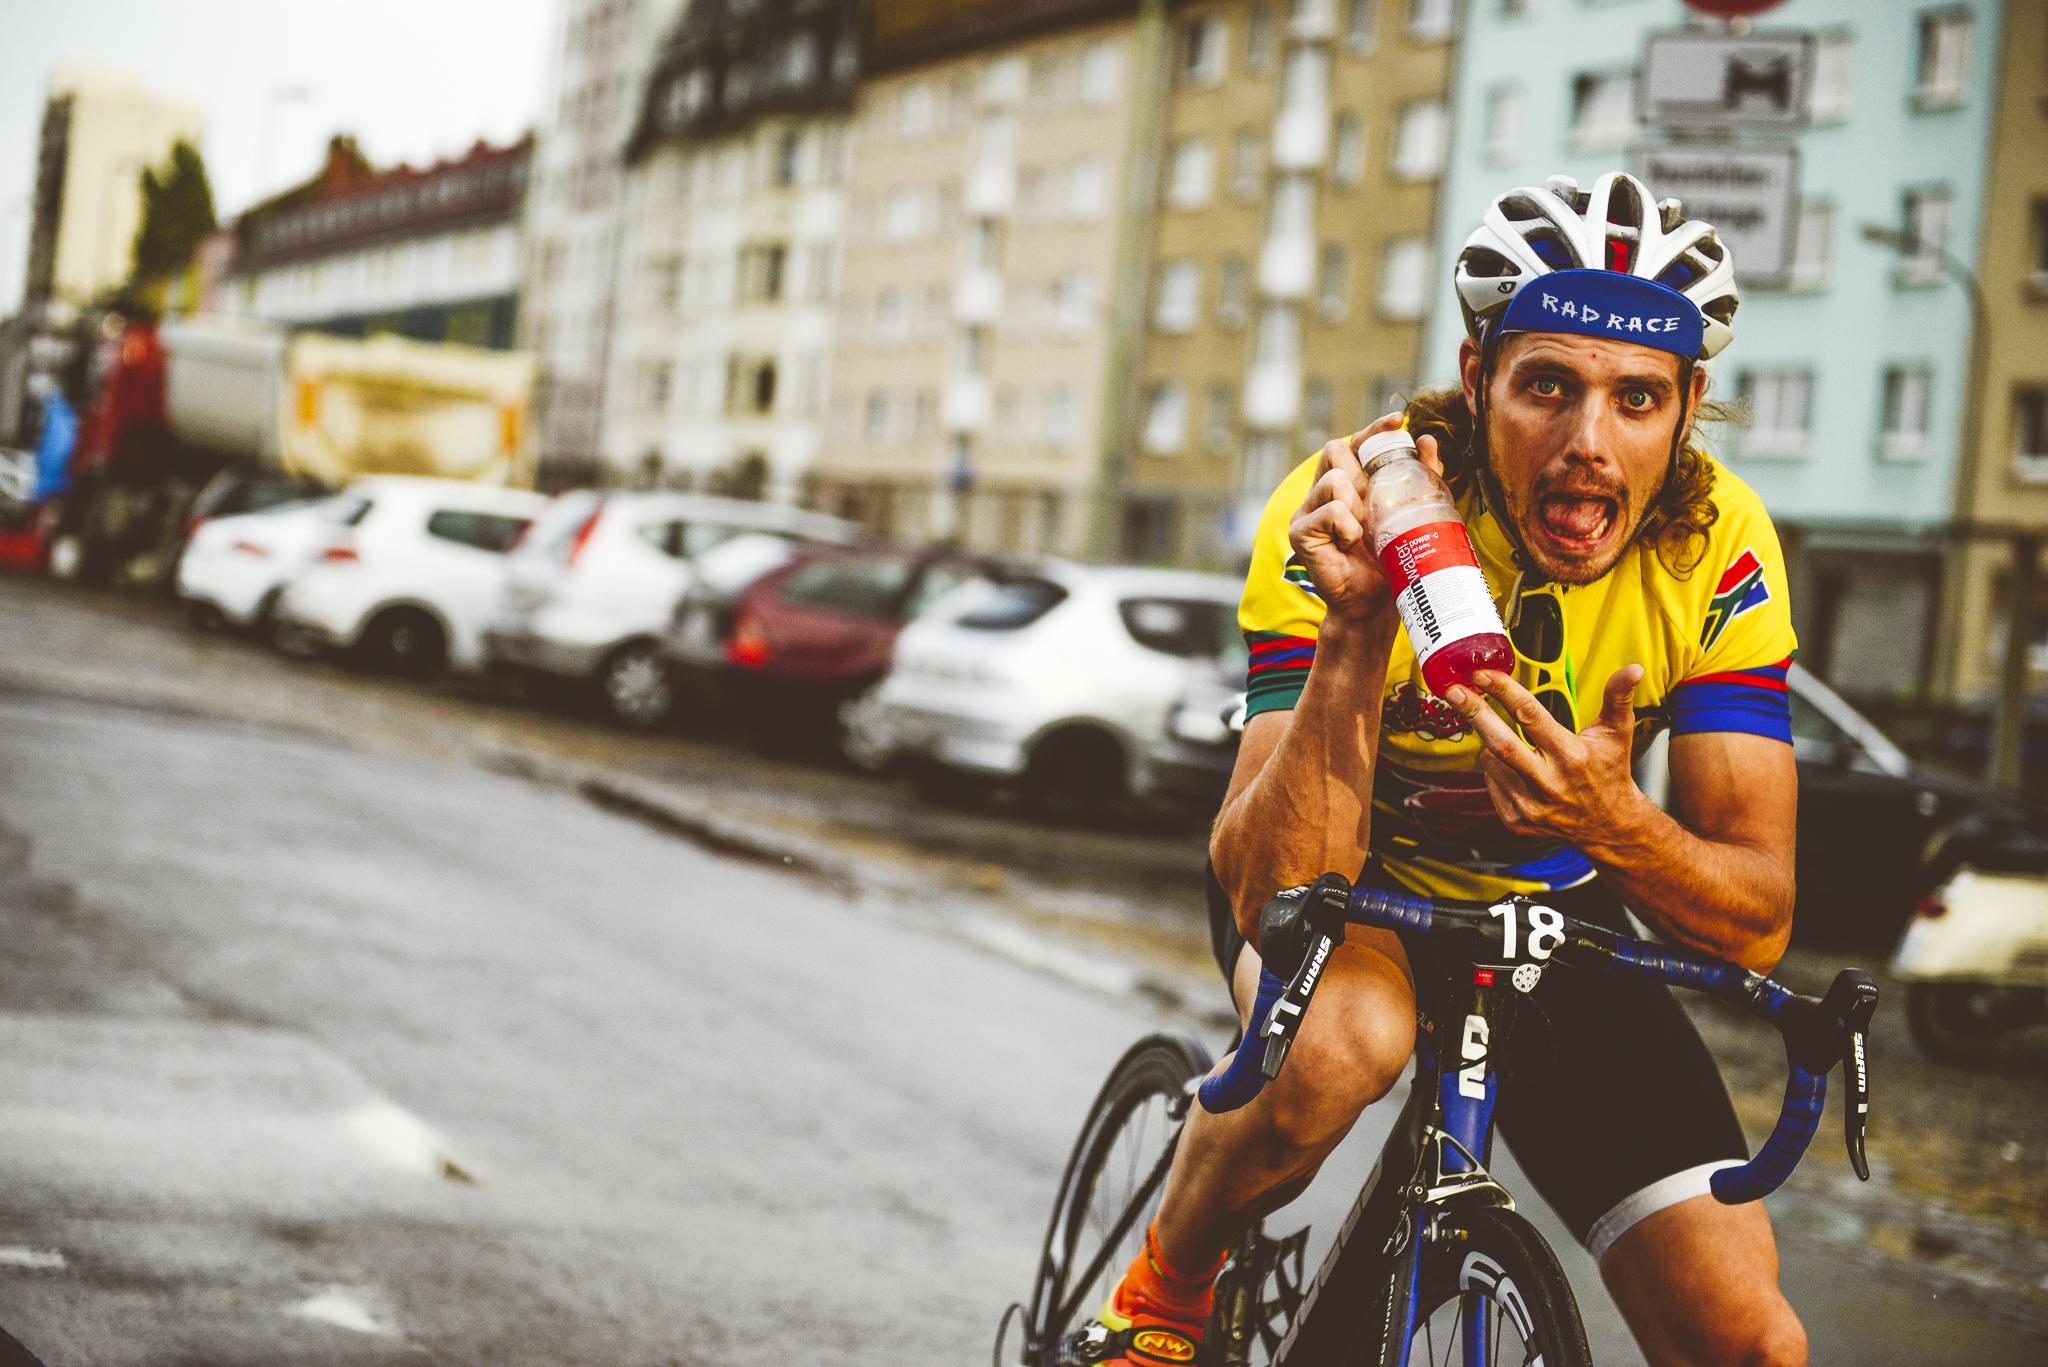 RAD RACE BATTLE OFFENBACH_Pic by www.lifedraft.de_7.jpg